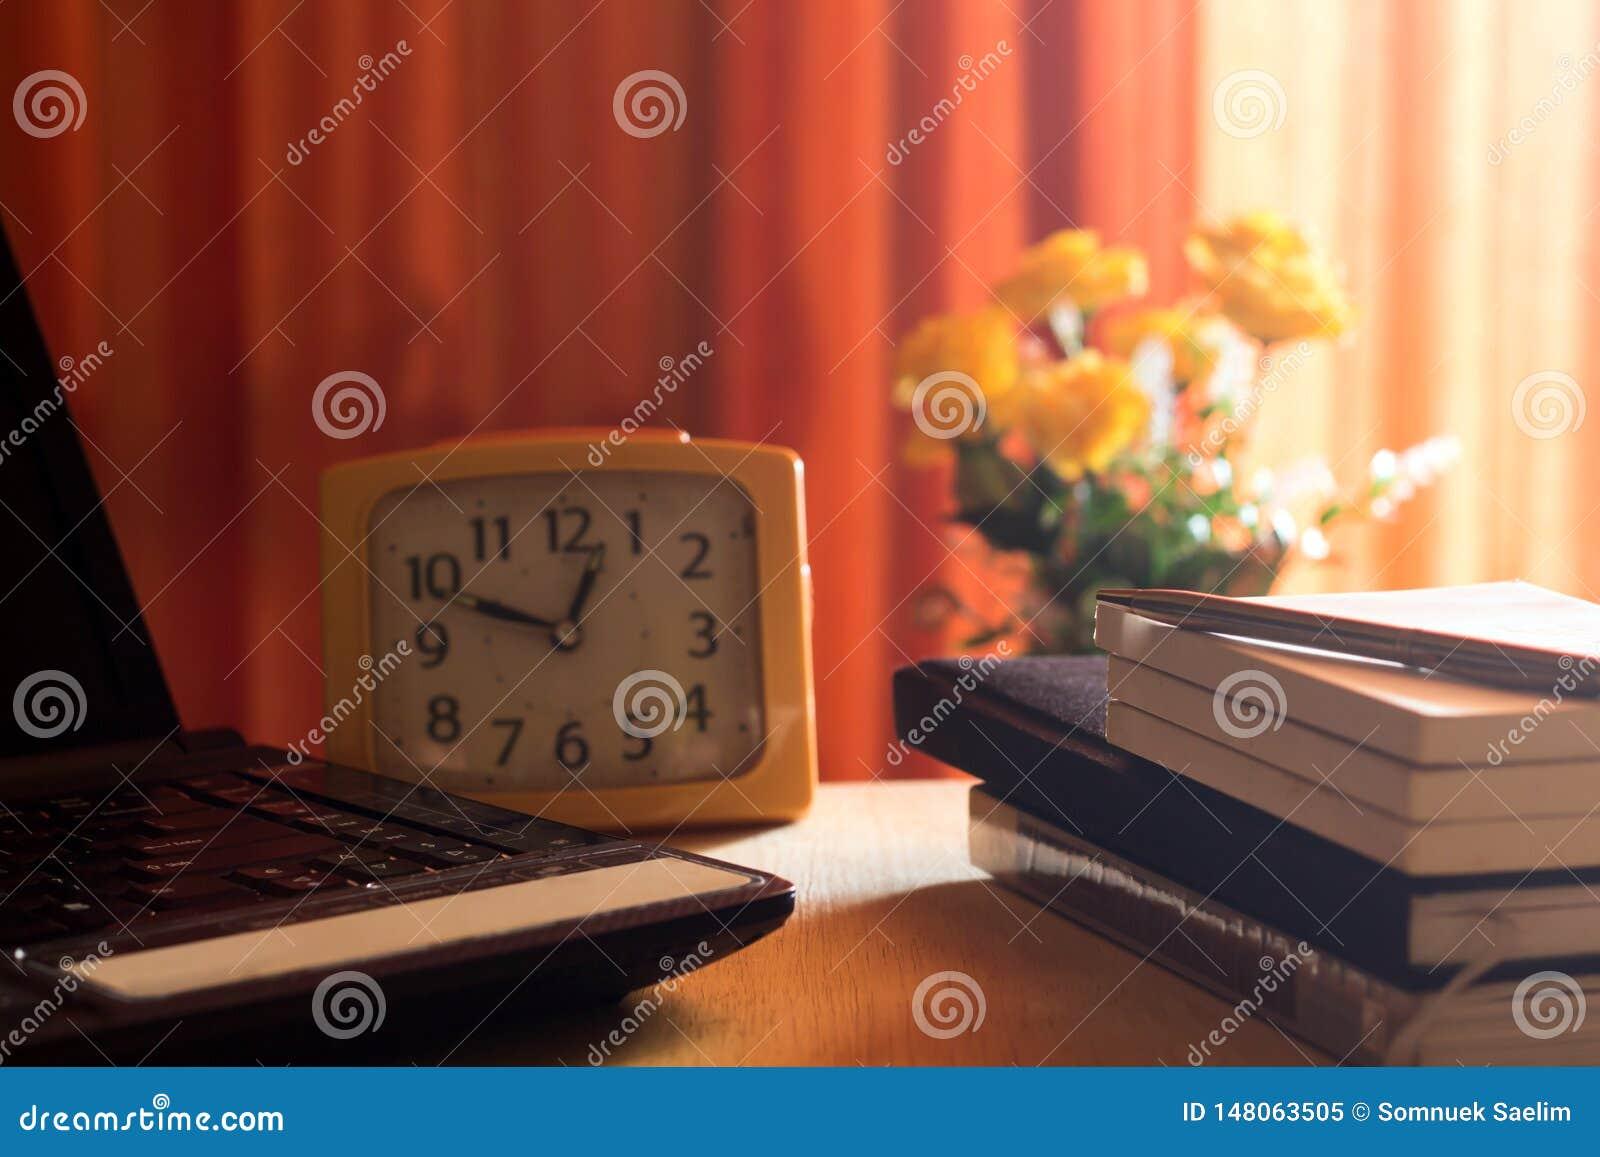 Diario e labtop per lavoro sulla tavola di legno con il fiore e la tenda rossa, taccuino, libro, penna, diario, orologio e sullo